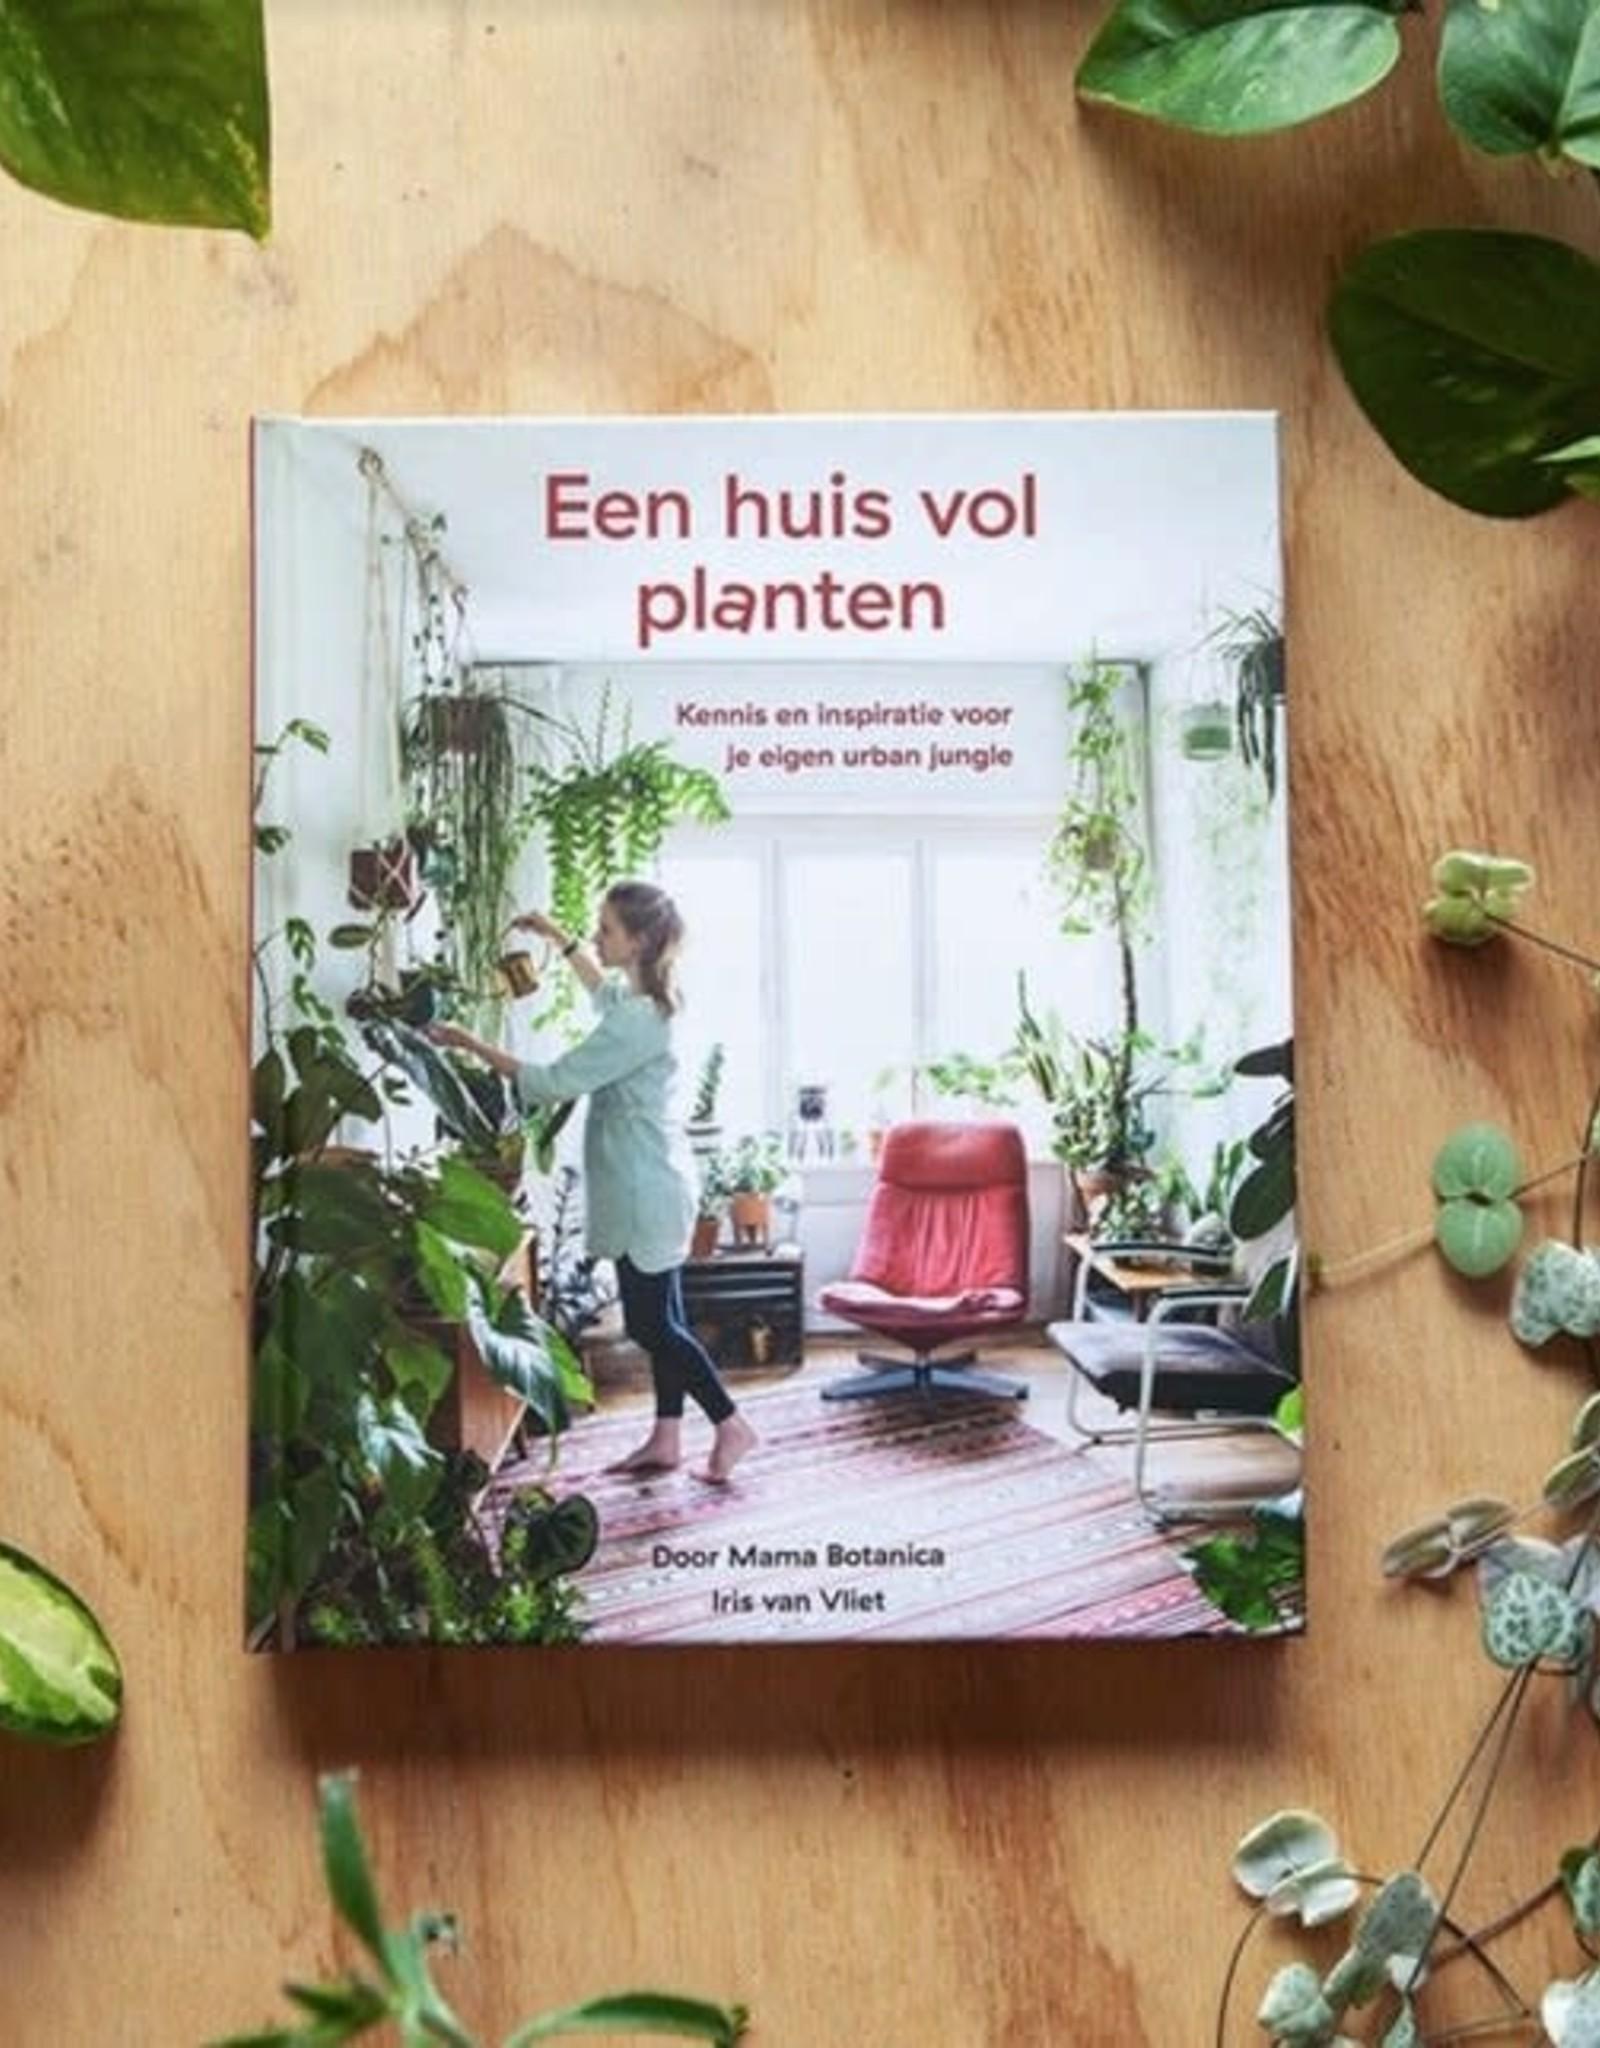 Mama Botanica Een huis vol planten [nl]